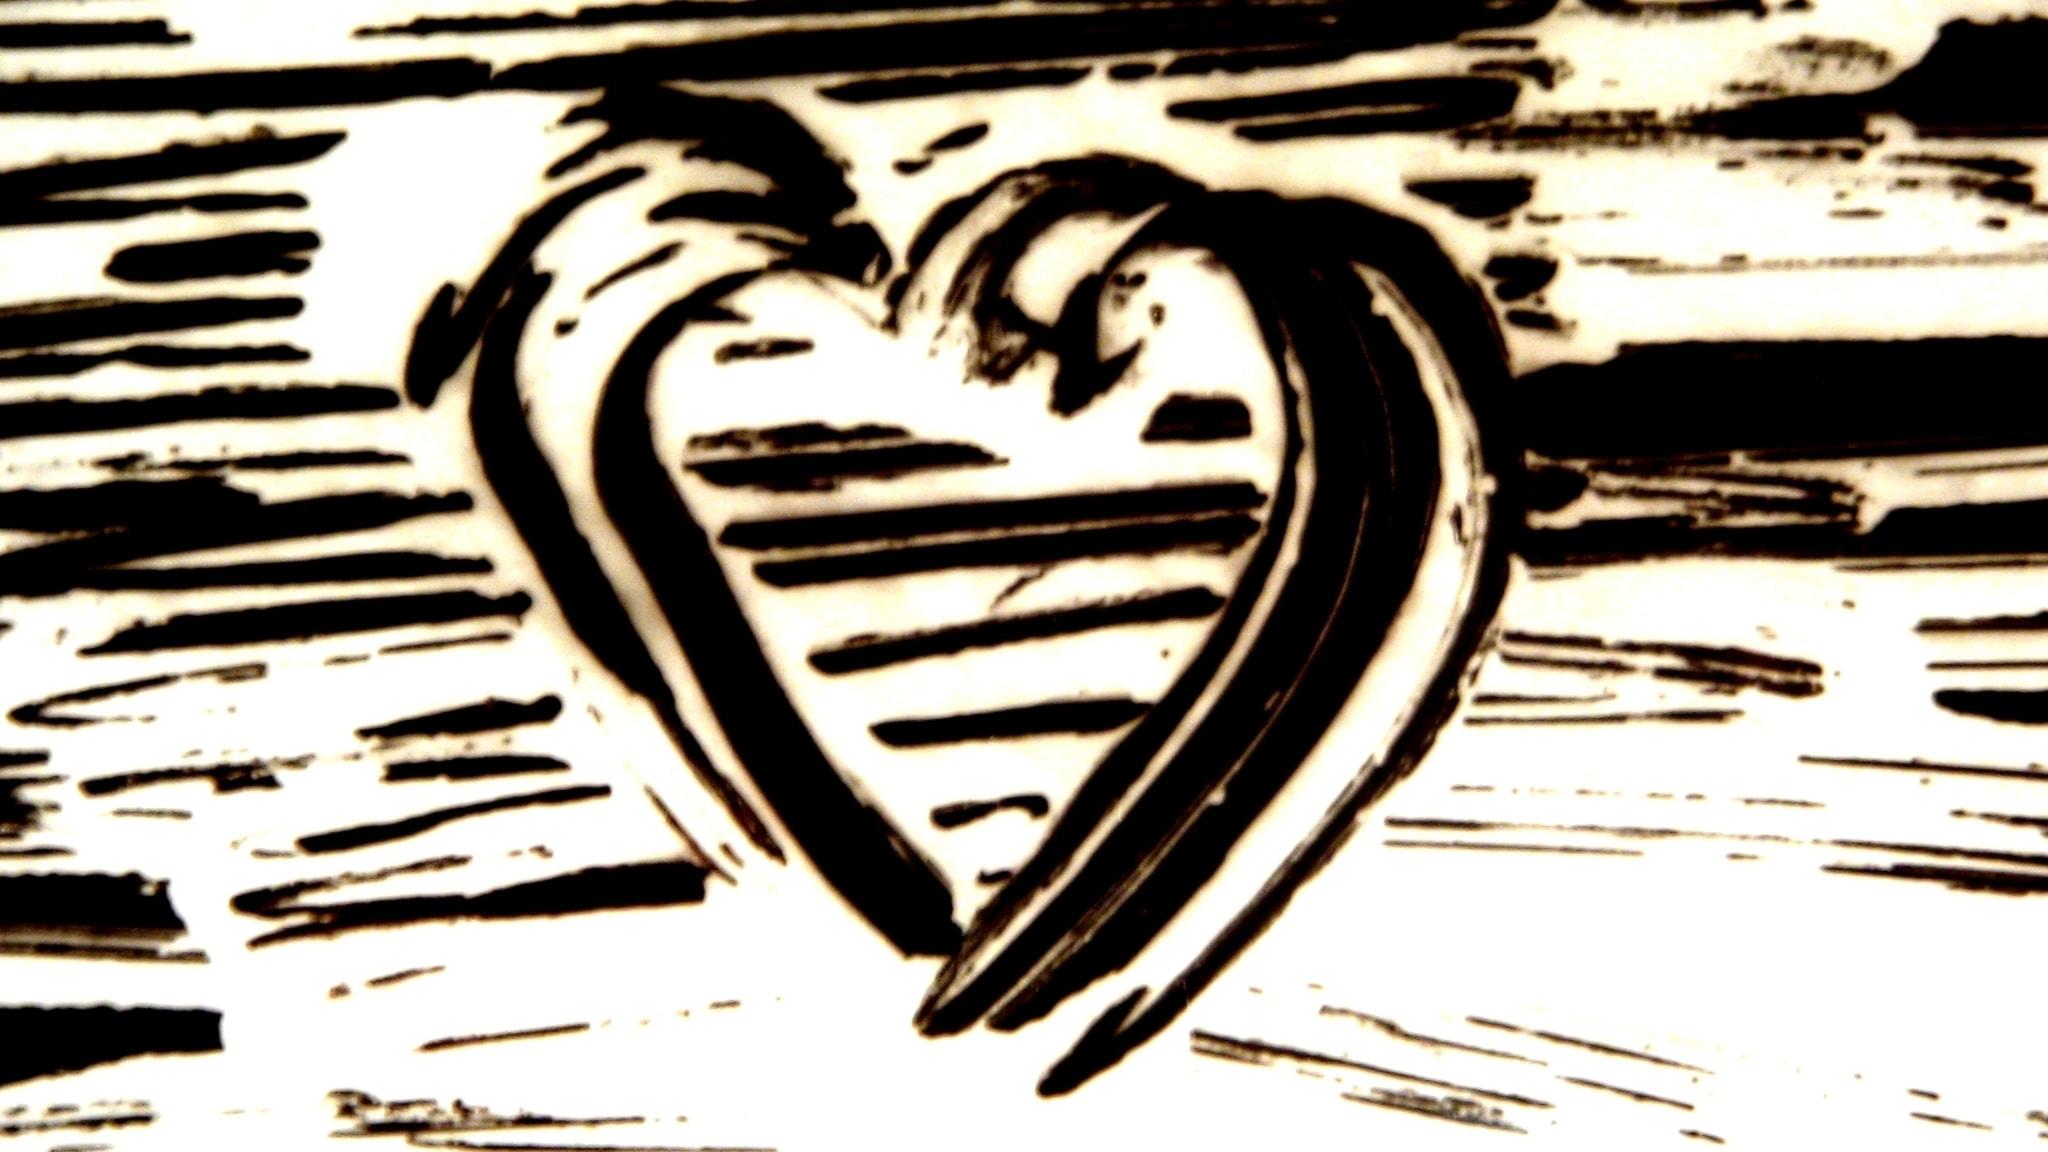 Svart i hjärtat